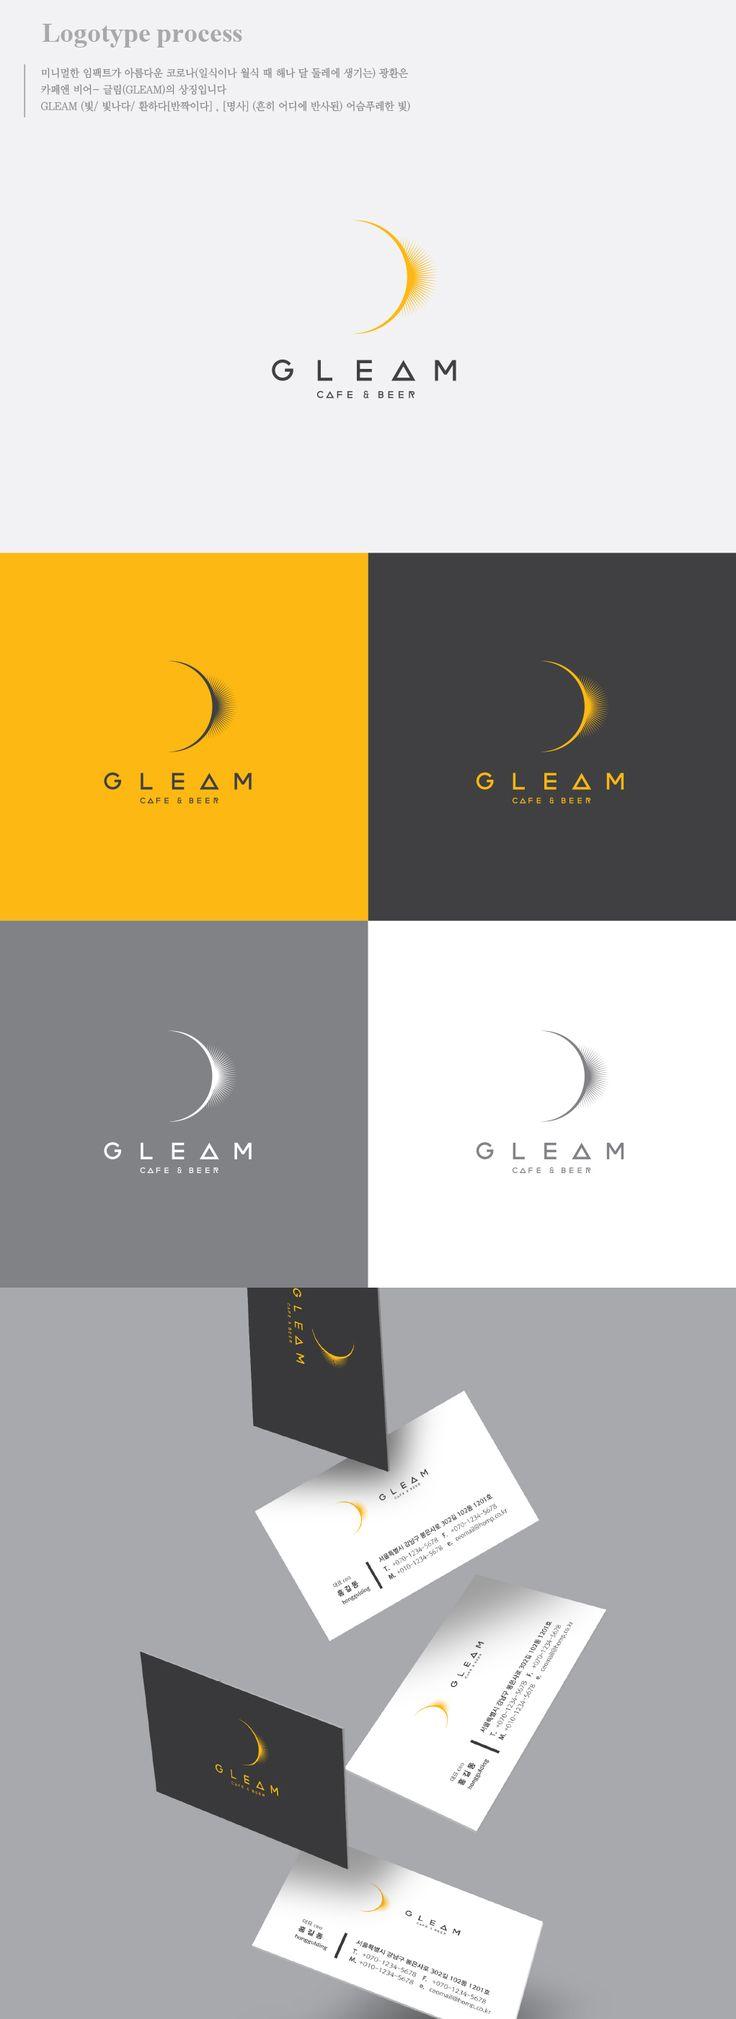 카페 GLEAM / Design by zip2399 / 빛, 빛나는 의 의미를 갖고 있는 GLEAM을 아름다운 코로나를 통해 미니멀하게 표현한 디자인 #달 #카페 #글림 #일식 #월식 #코로나 #moon #빛 #광환 #커피 #coffee #로고디자인 #로고 #디자인 #디자이너 #라우드소싱 #레퍼런스 #콘테스트 #logo #design #포트폴리오 #디자인의뢰 #공모전 #모더니즘 #맞팔 #심볼마크 #심볼 #일러스트 #작업 #color #타이포그래피 #아이콘 #곡선 #로고타입